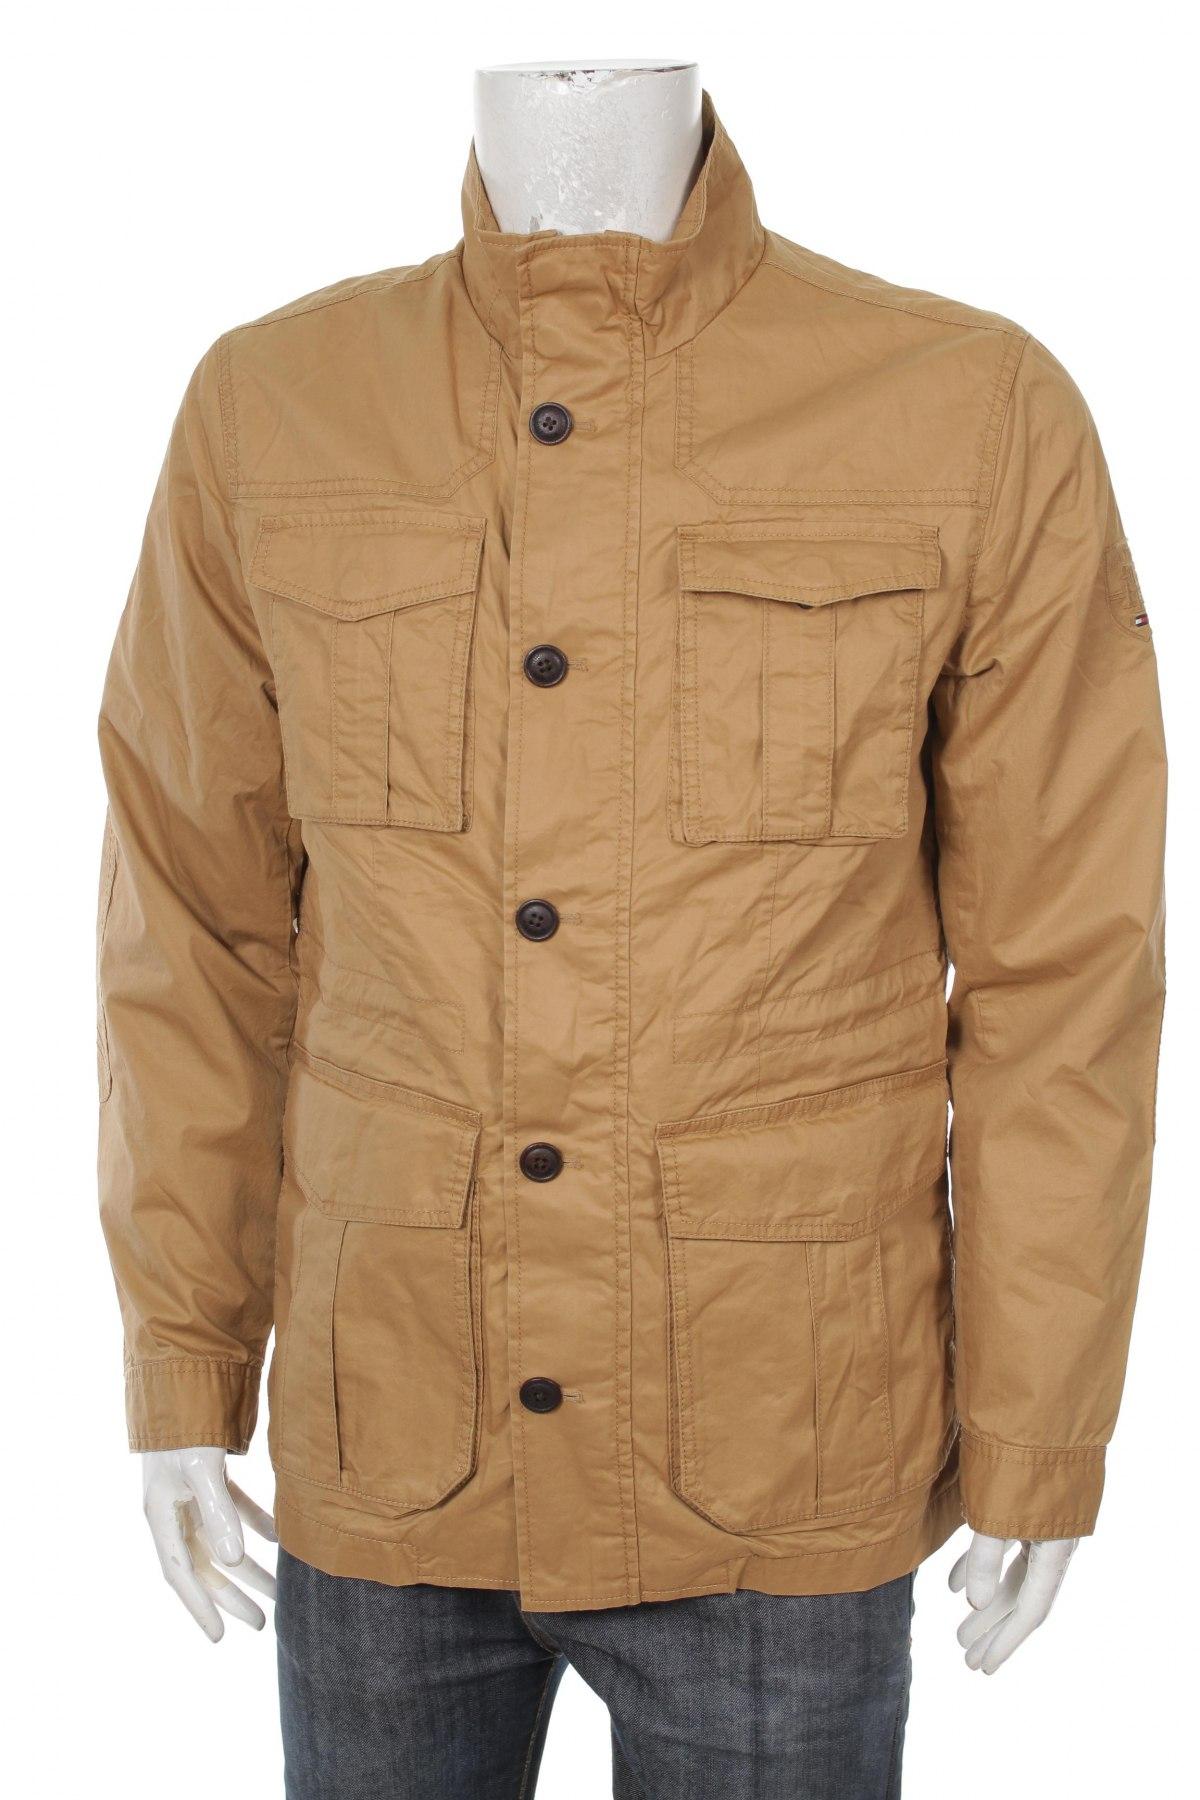 d2236a383e7 Pánská bunda Tommy Hilfiger - za vyhodnou cenu na Remix -  8096055